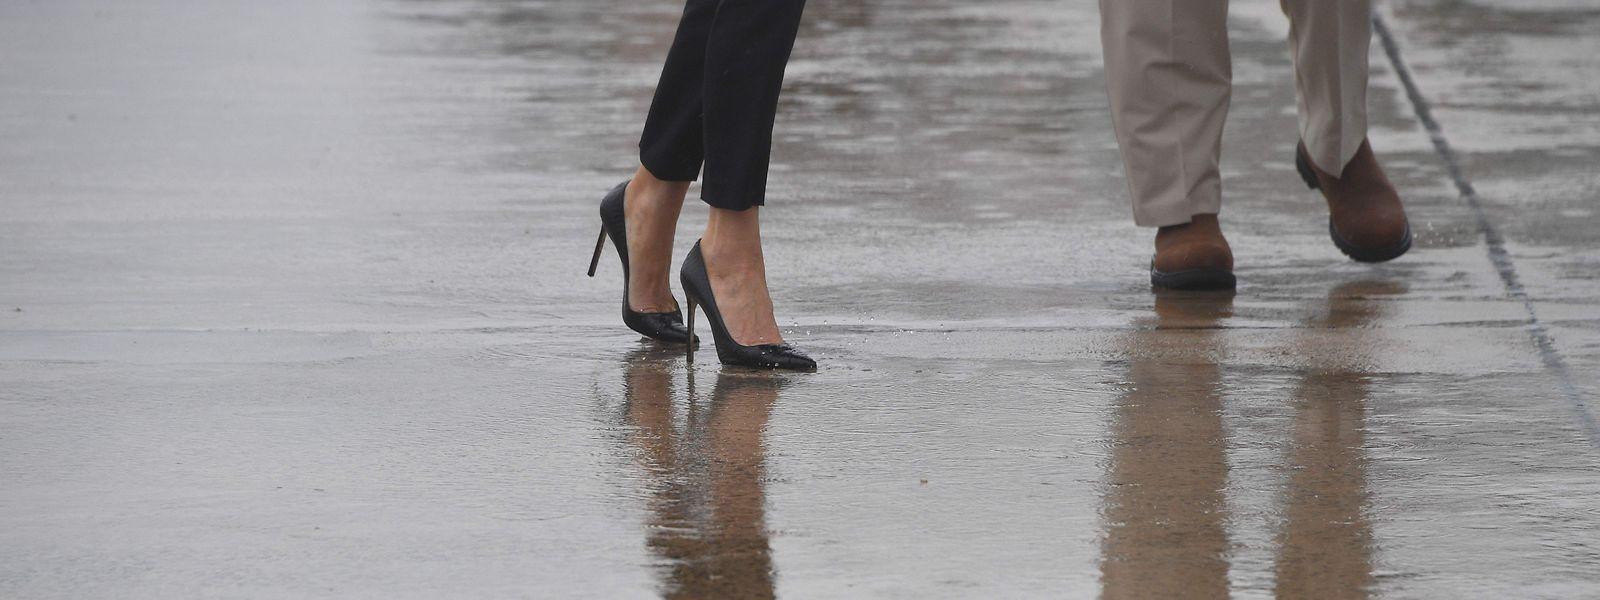 (Keine) nassen Füße: Der US-Präsident und seine Gattin auf dem Weg ins Katastrophengebiet.